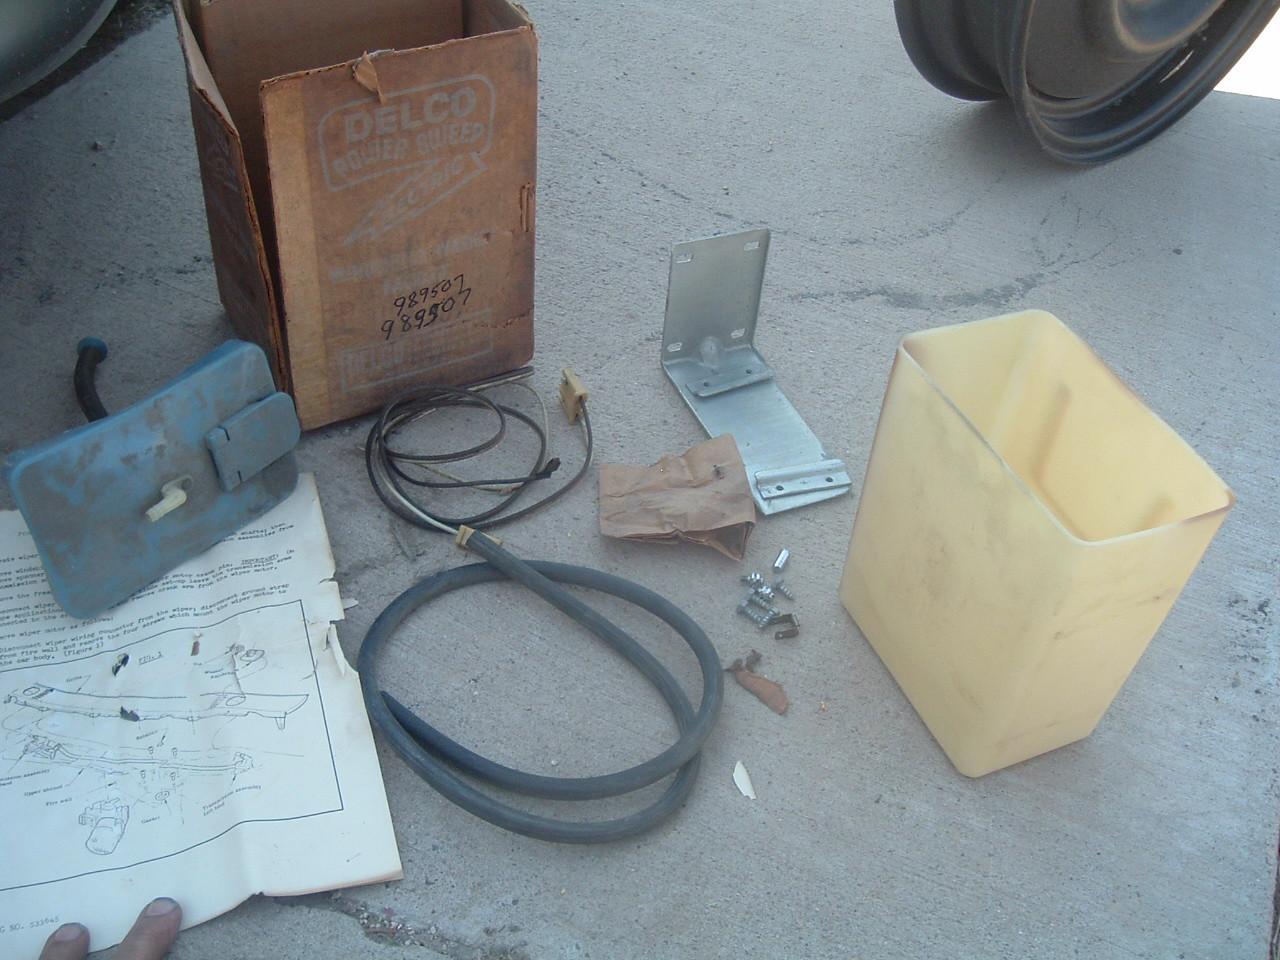 1959 pontiac windshild washer kit NOS gm # 989507 (z 989507)